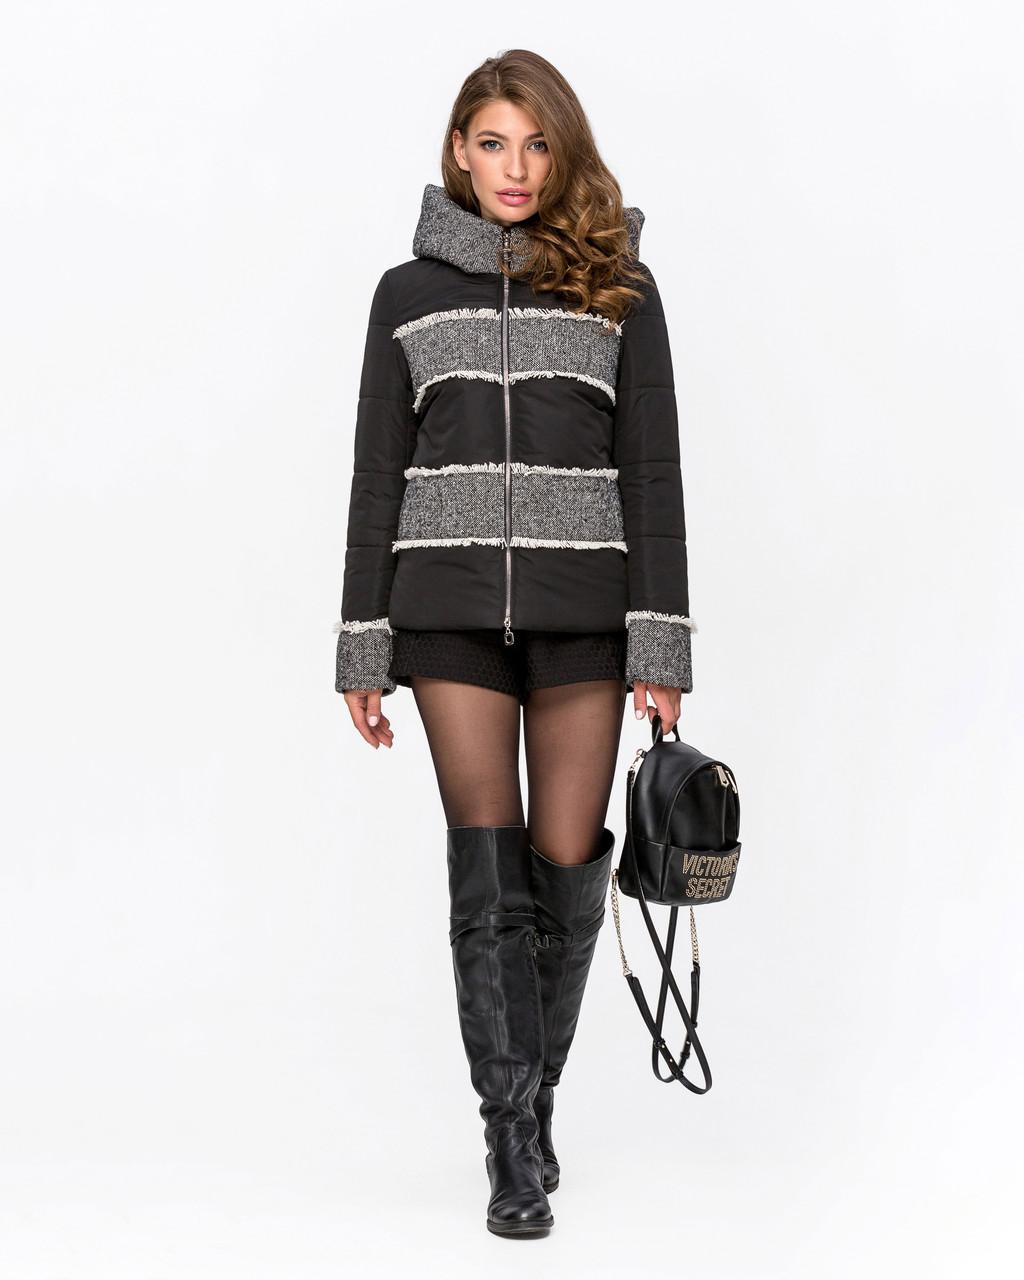 Стильна жіноча комбінована куртка з твидом 44-54 р